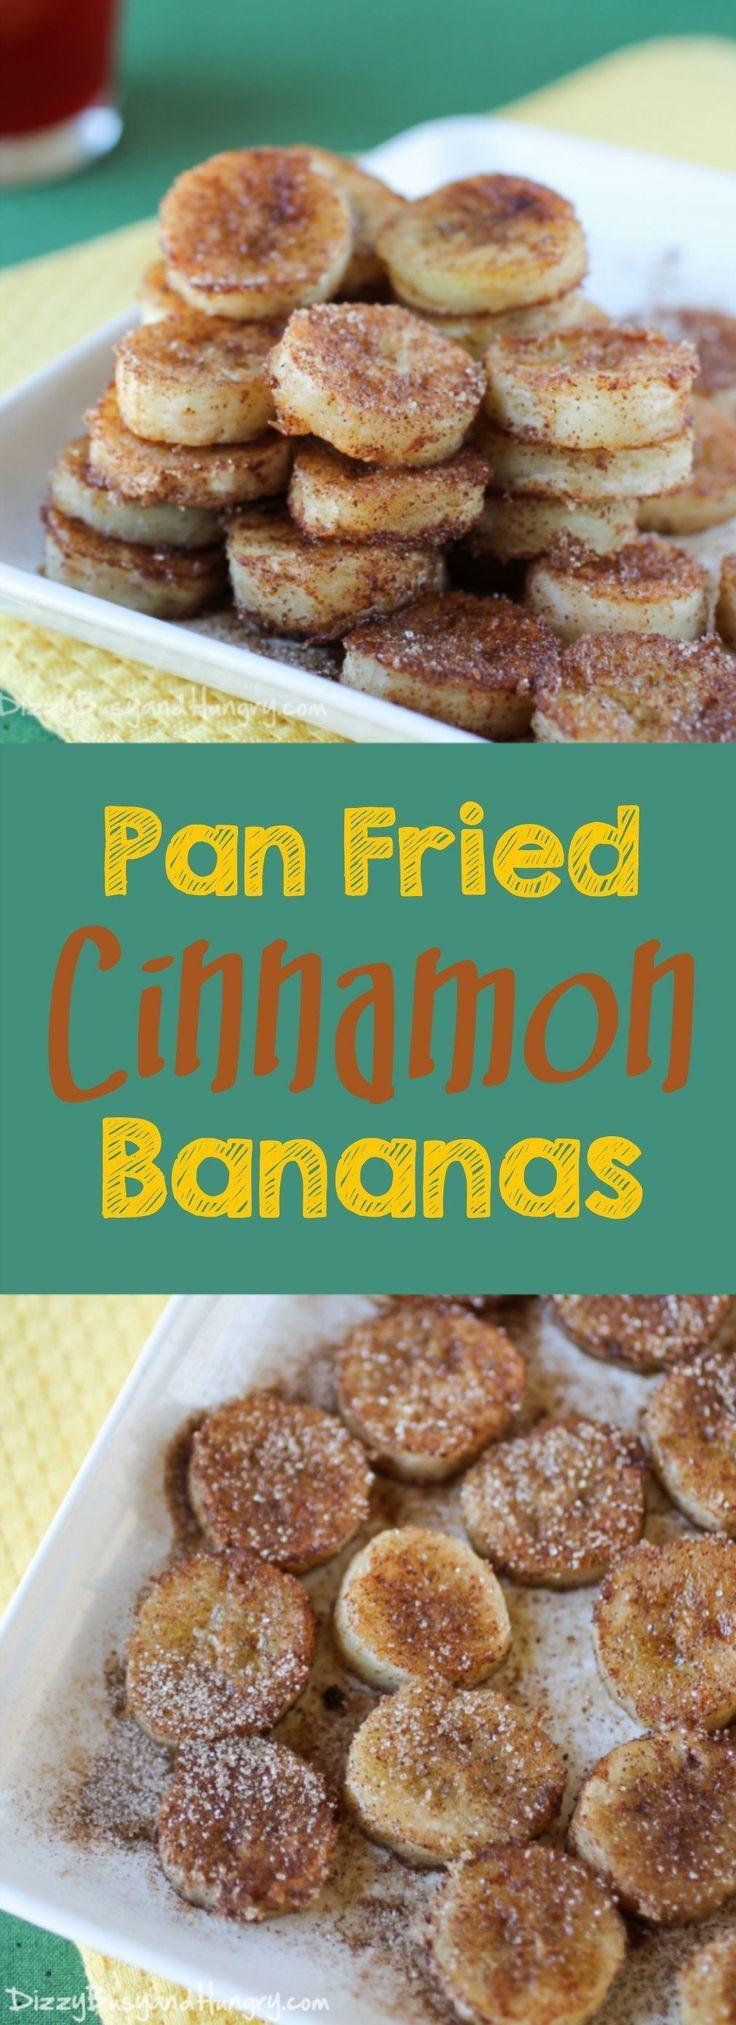 Banana Recipes Healthy Easy  100 Recipes For Overripe Bananas on Pinterest